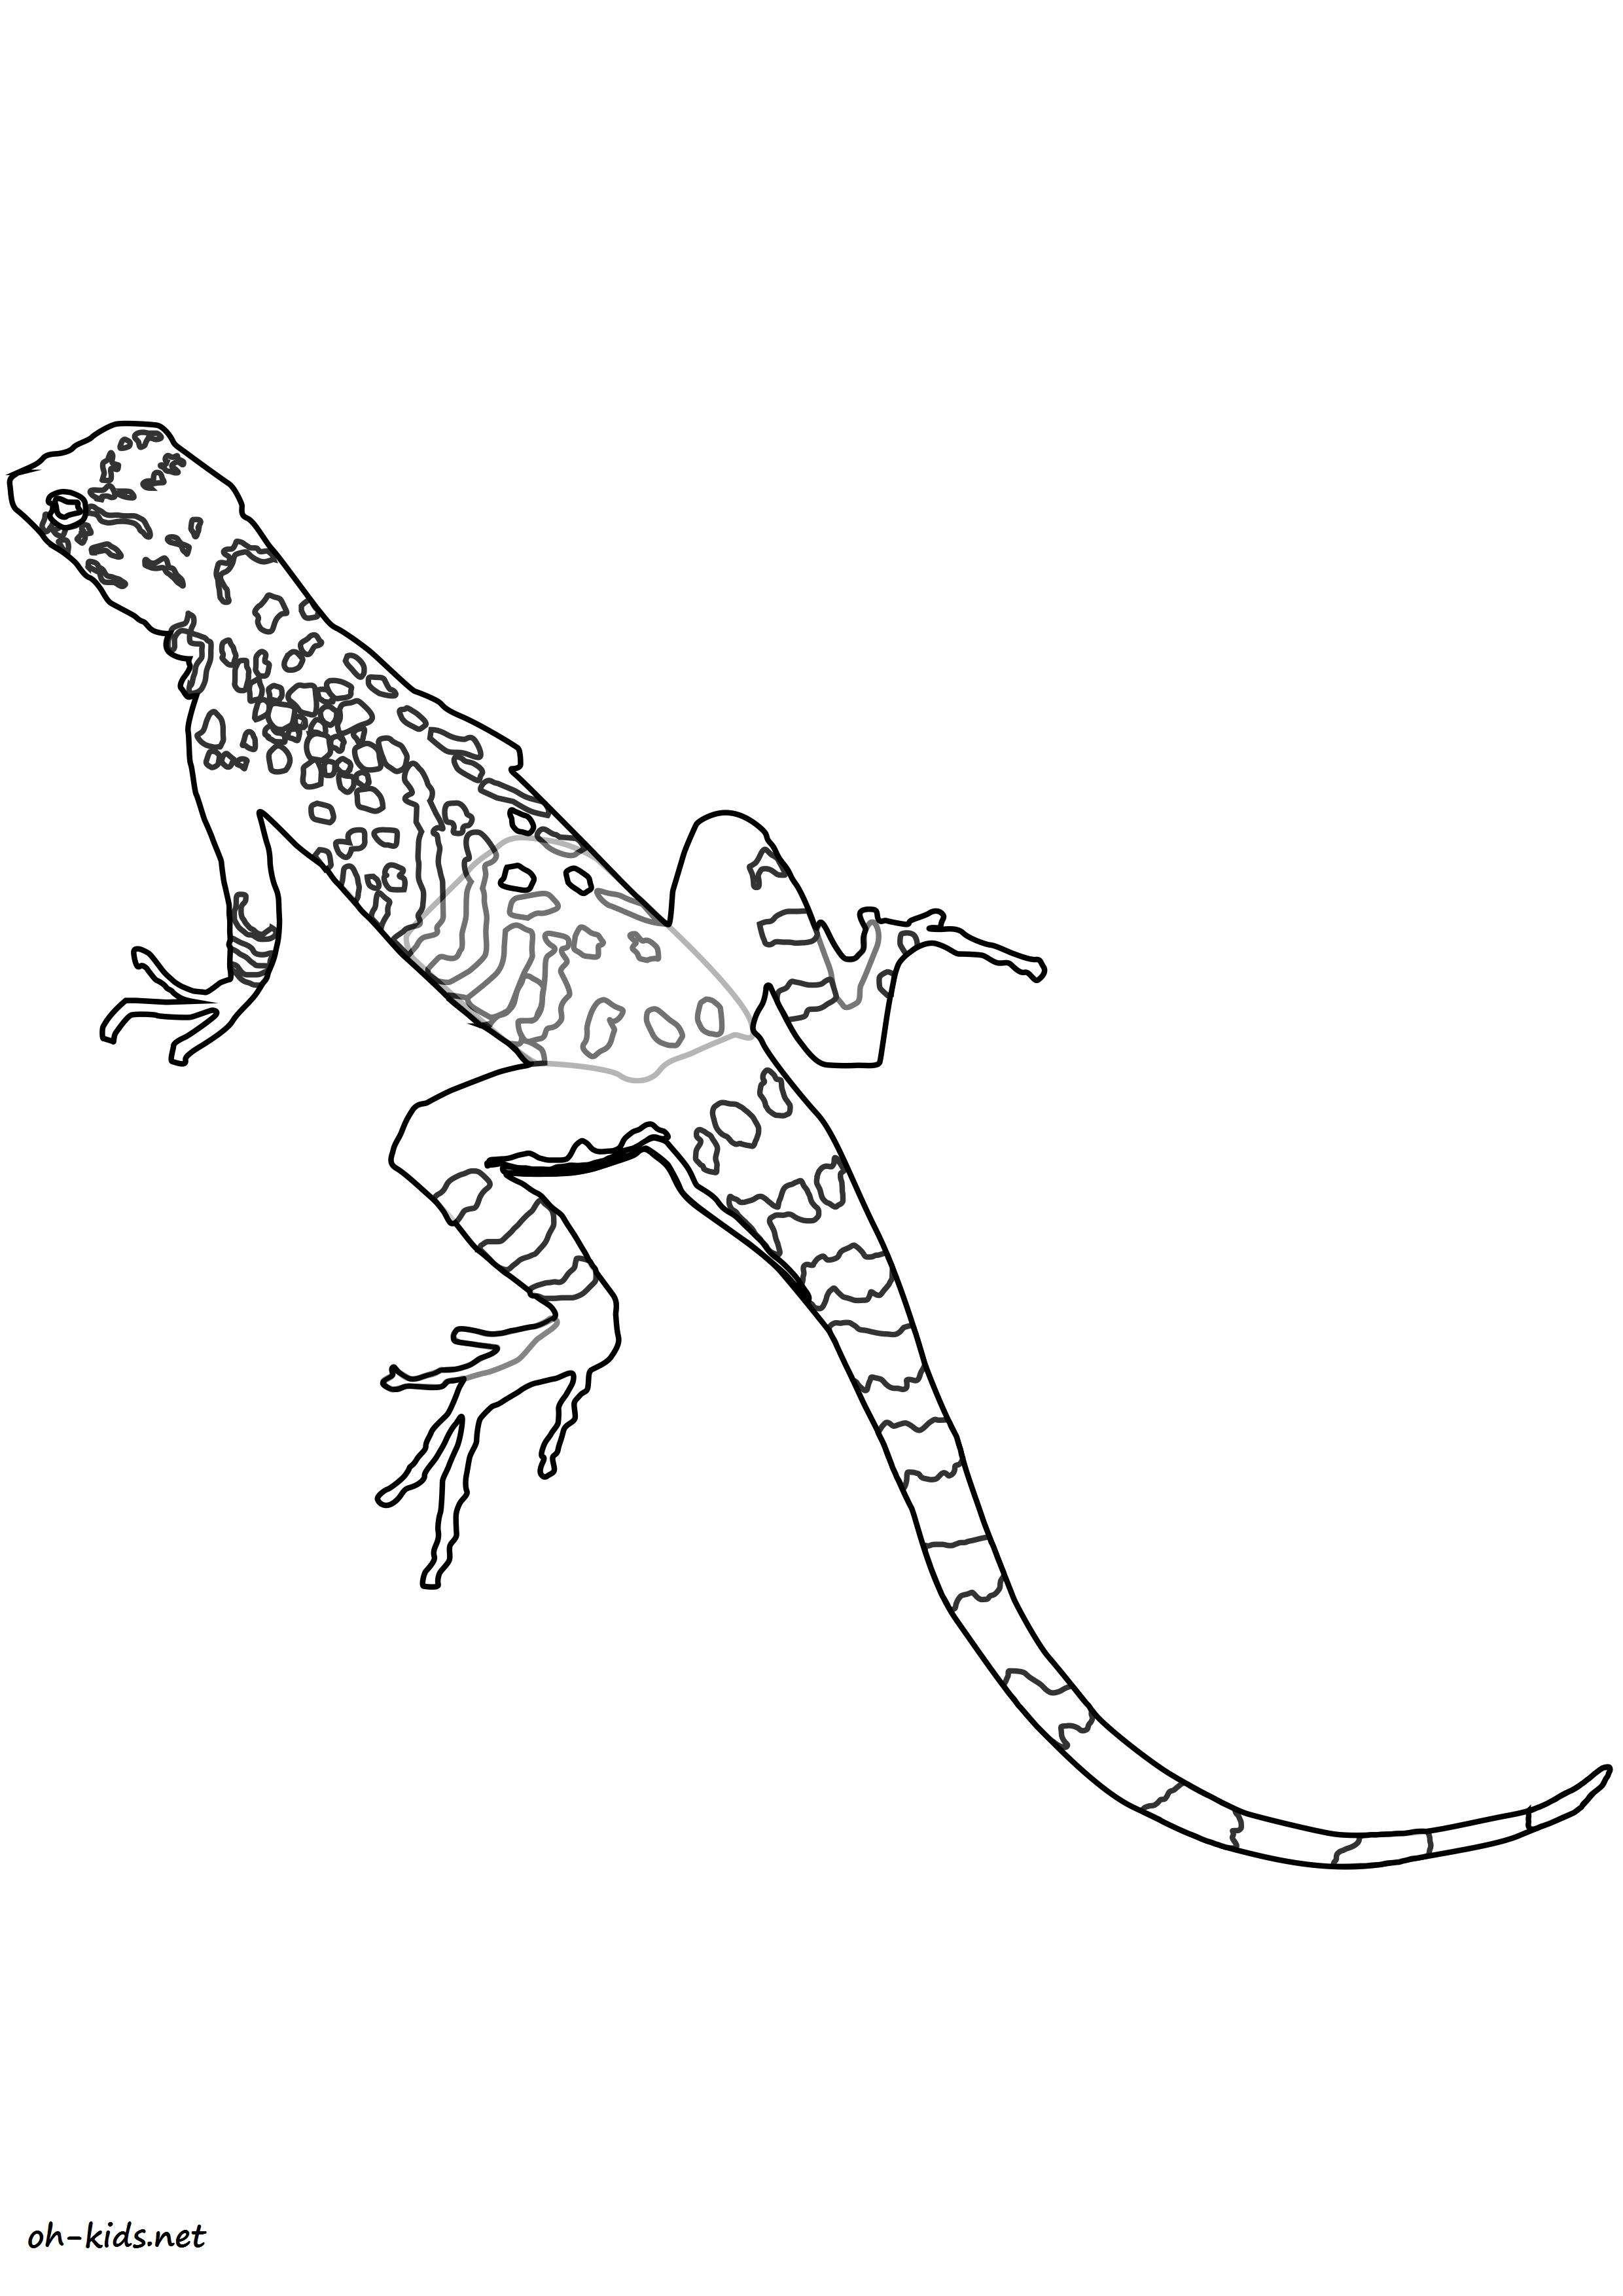 Beau dessin de iguane à colorier pour t'amuser - Dessin #1621